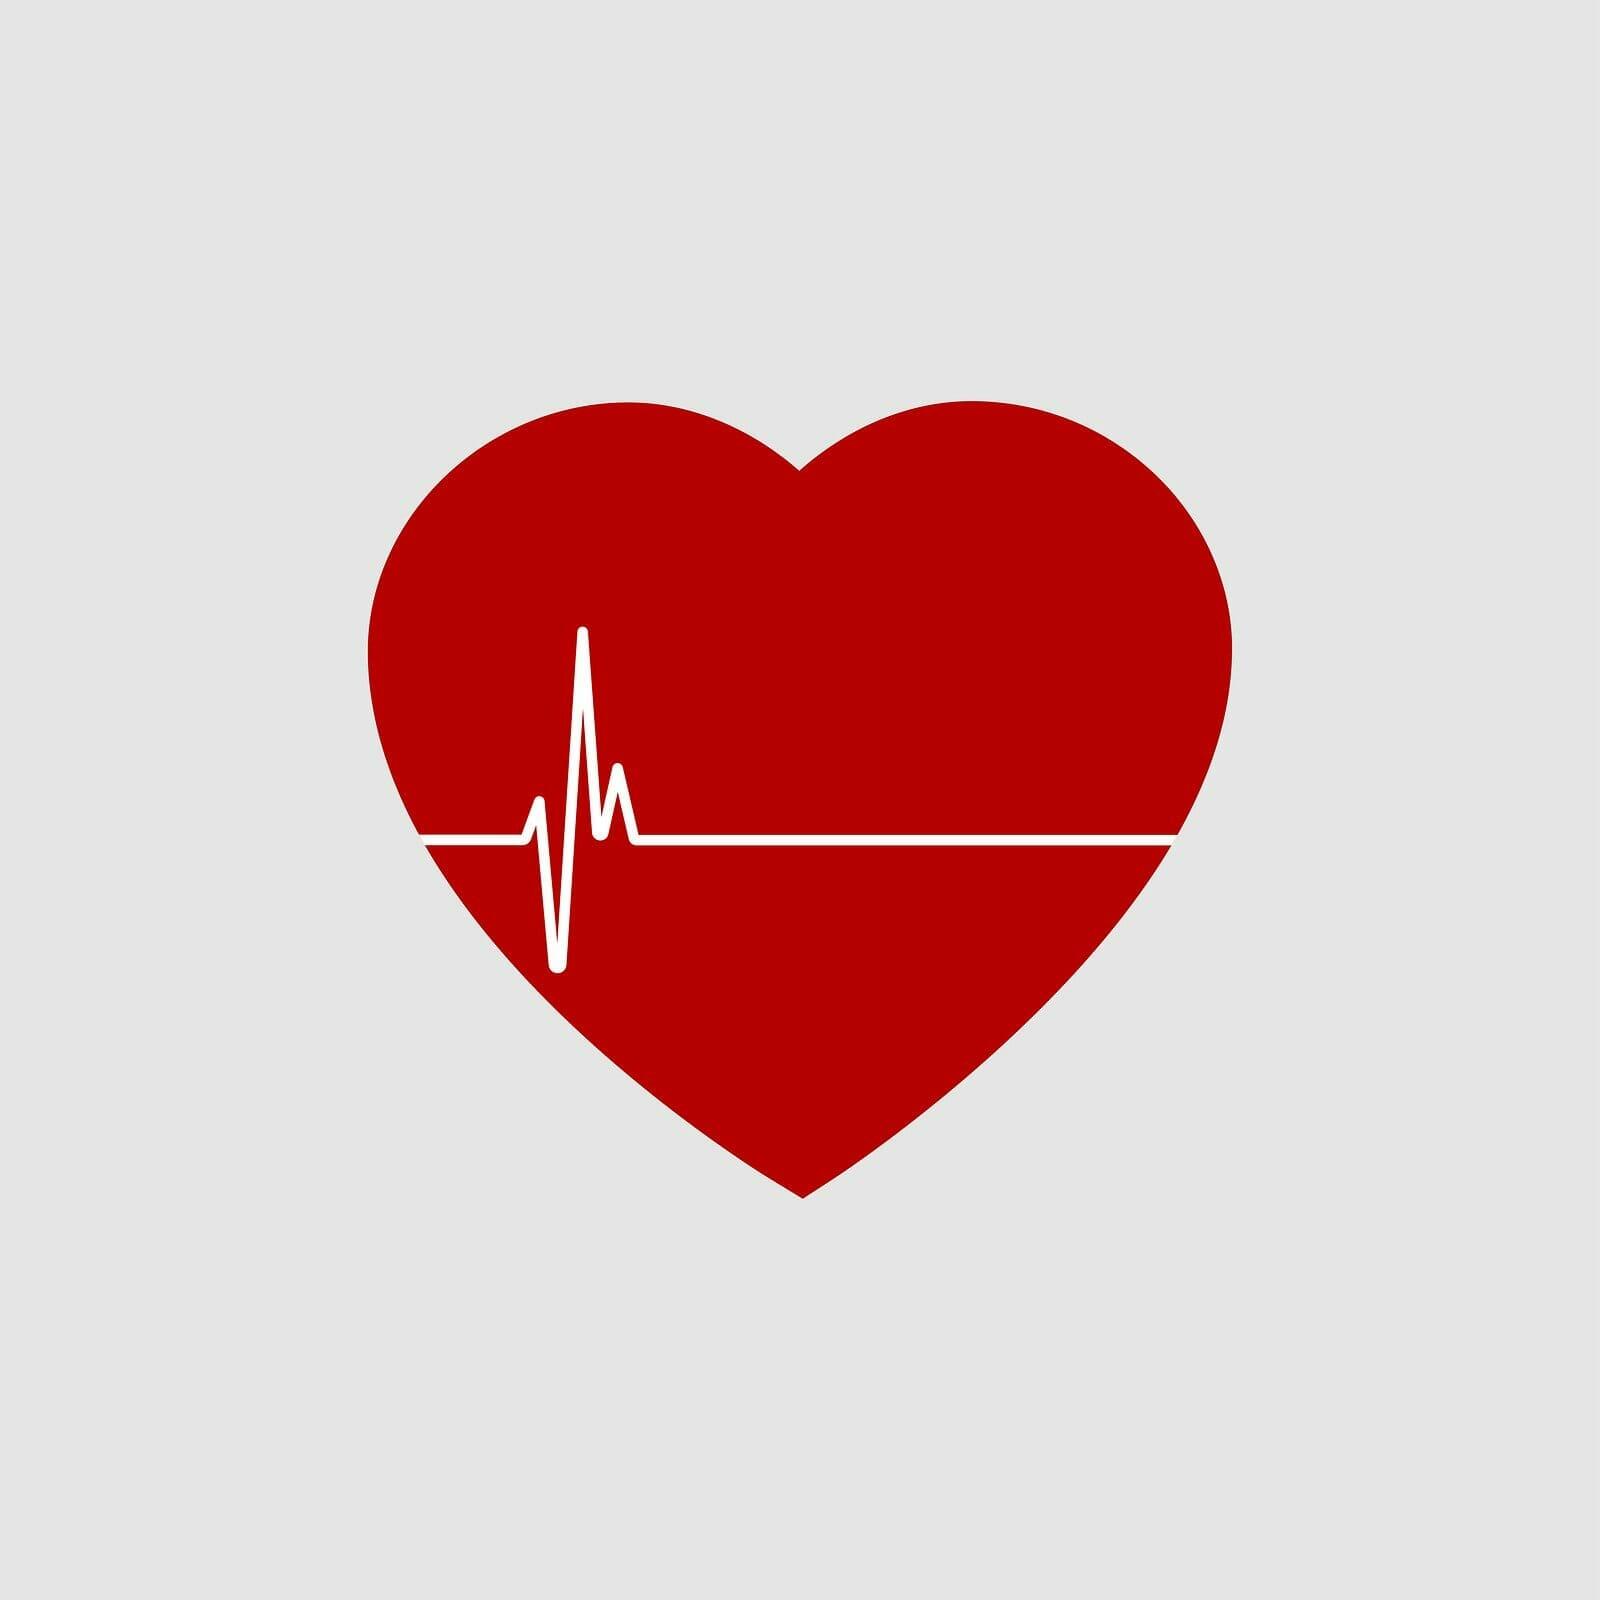 """עו""""ד נעמי קויפמן ניב I תביעות רשלנות רפואית I רשלנות רפואית במחלות לב וקרדיולוגיה"""